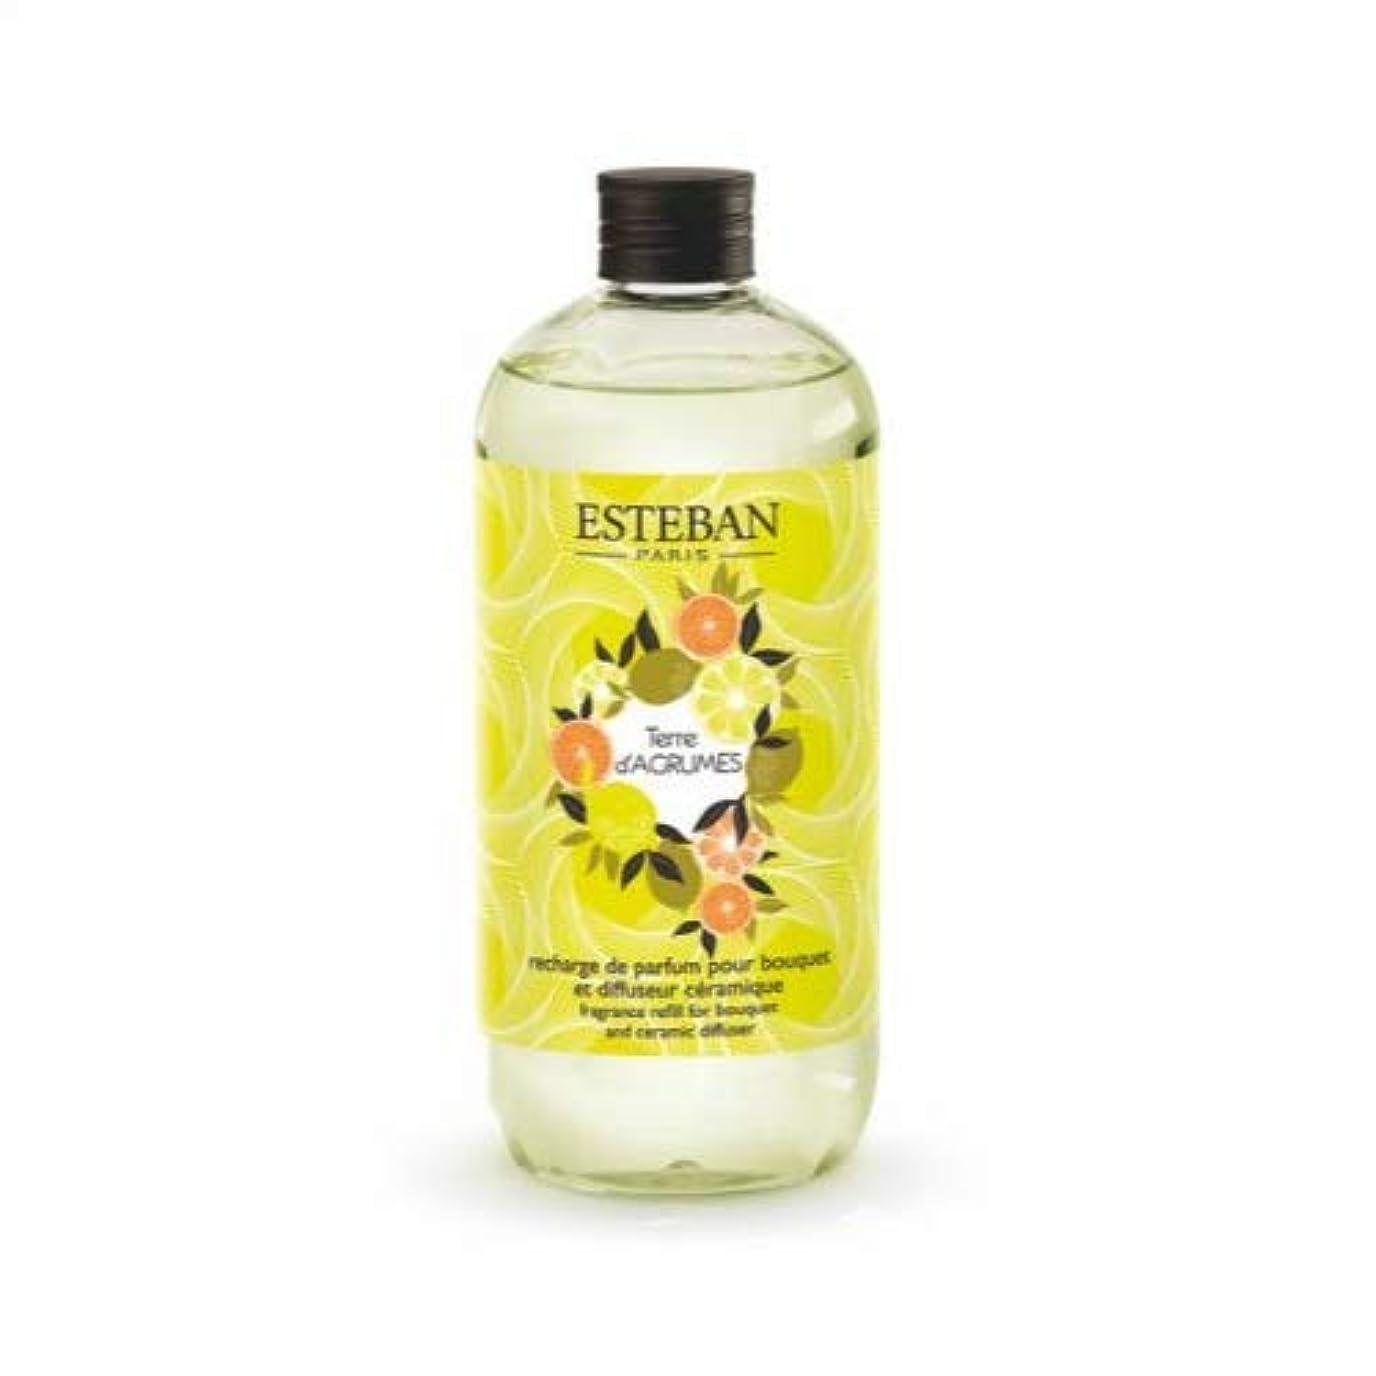 バター描く個人的にエステバン(ESTEBAN) フレグランスリフィル 詰替え用 500ml